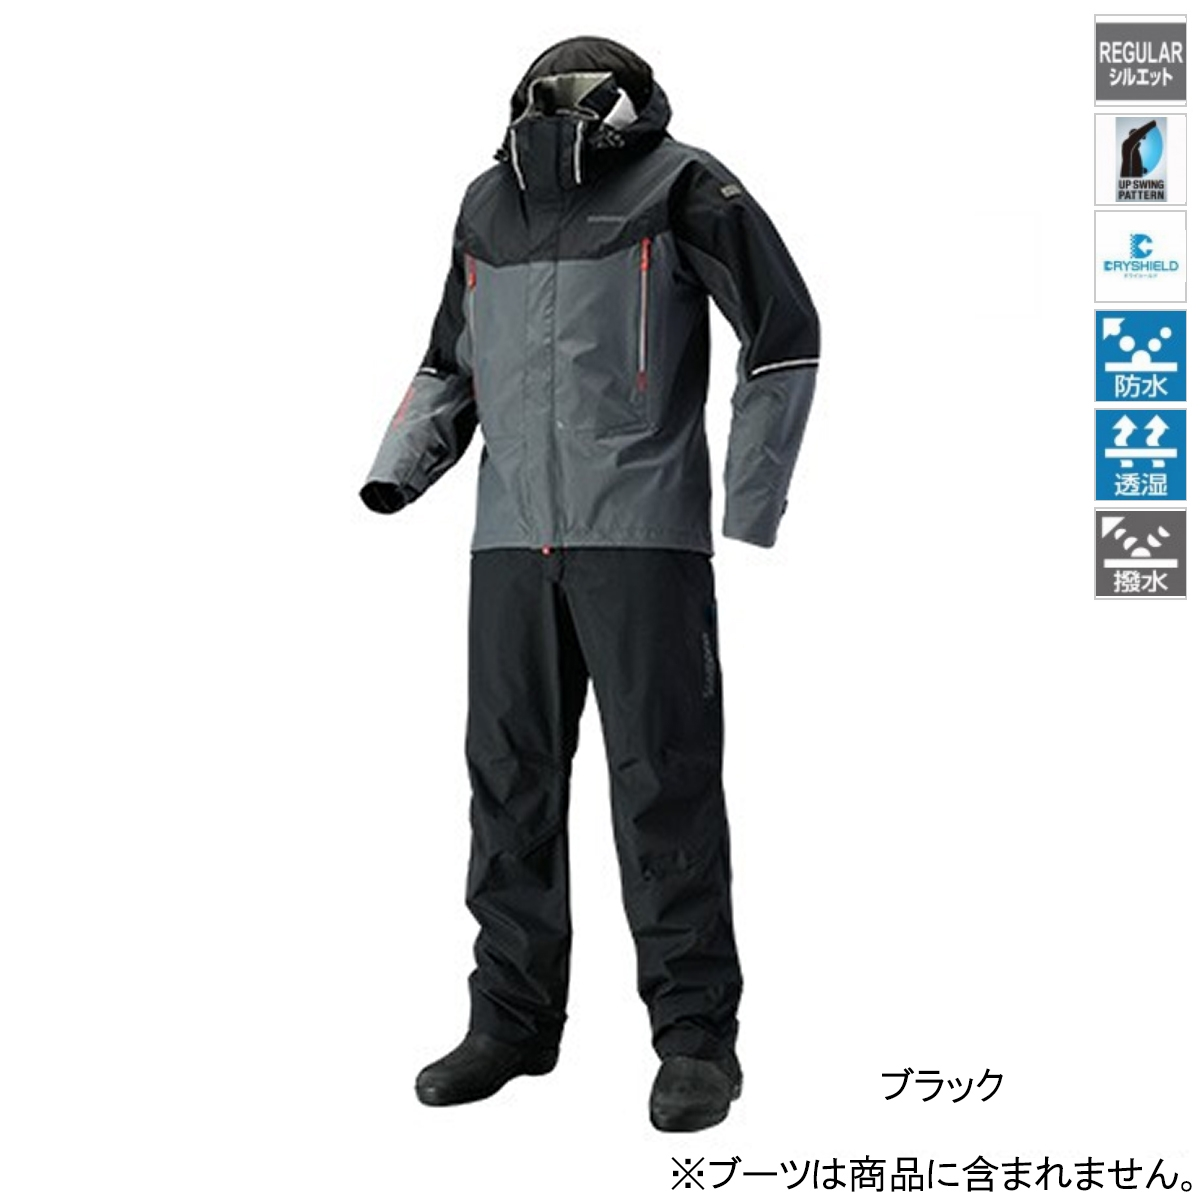 シマノ DSアドバンススーツ RA-025S L ブラック